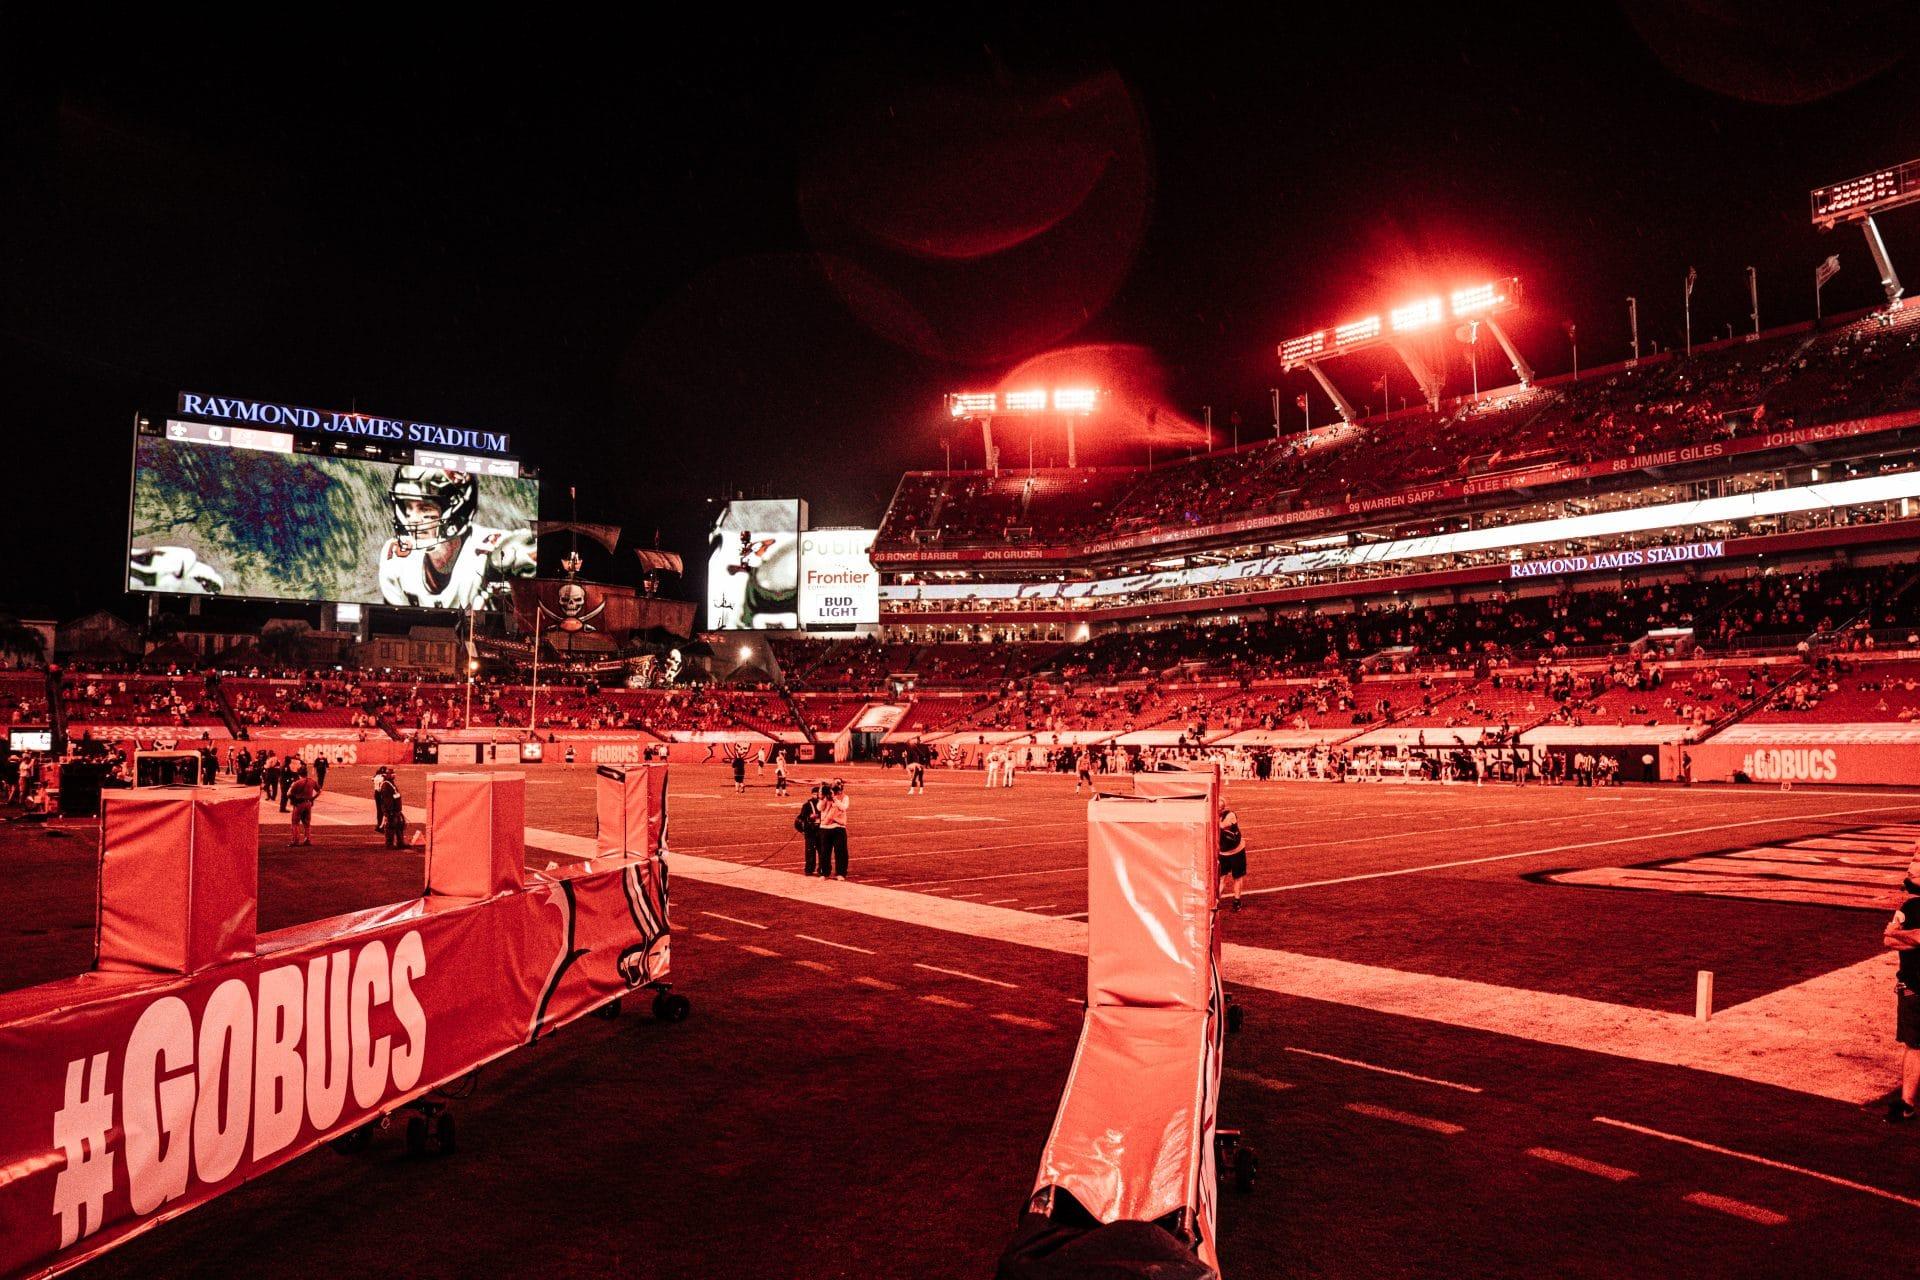 Raymond James Stadium 5G Set for Super Bowl